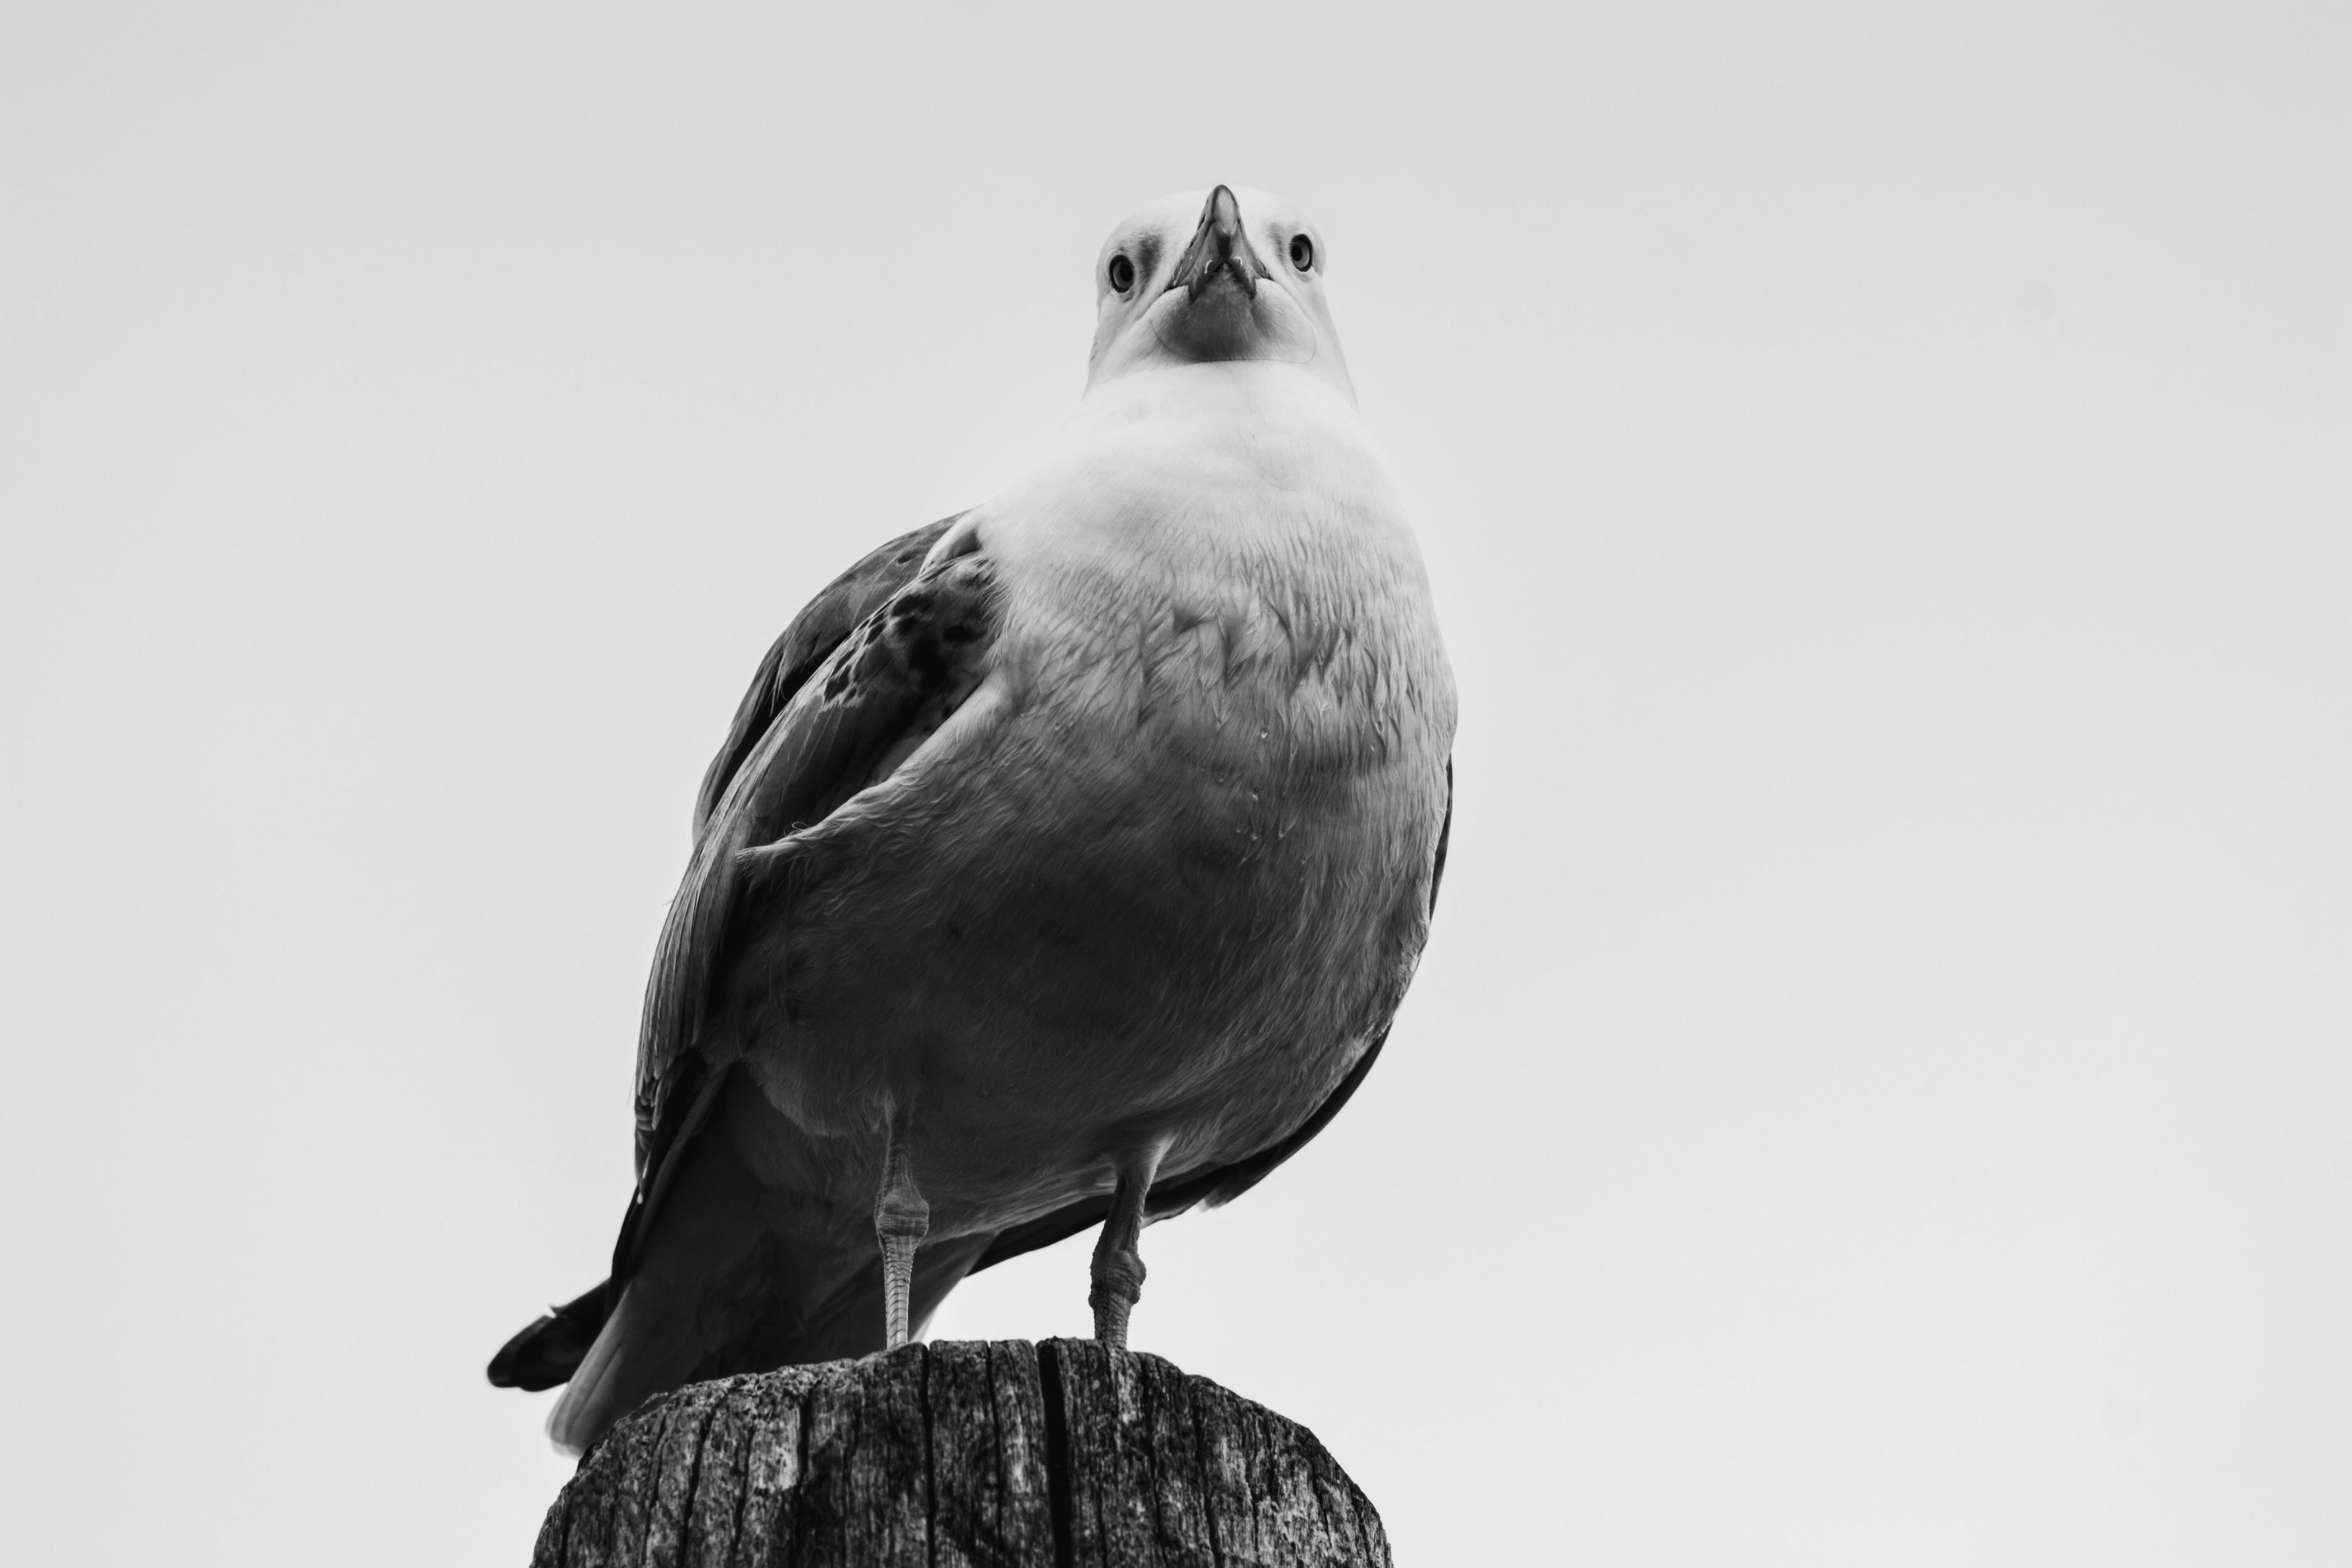 47 Foto Gambar Burung Merpati Hitam Putih HD